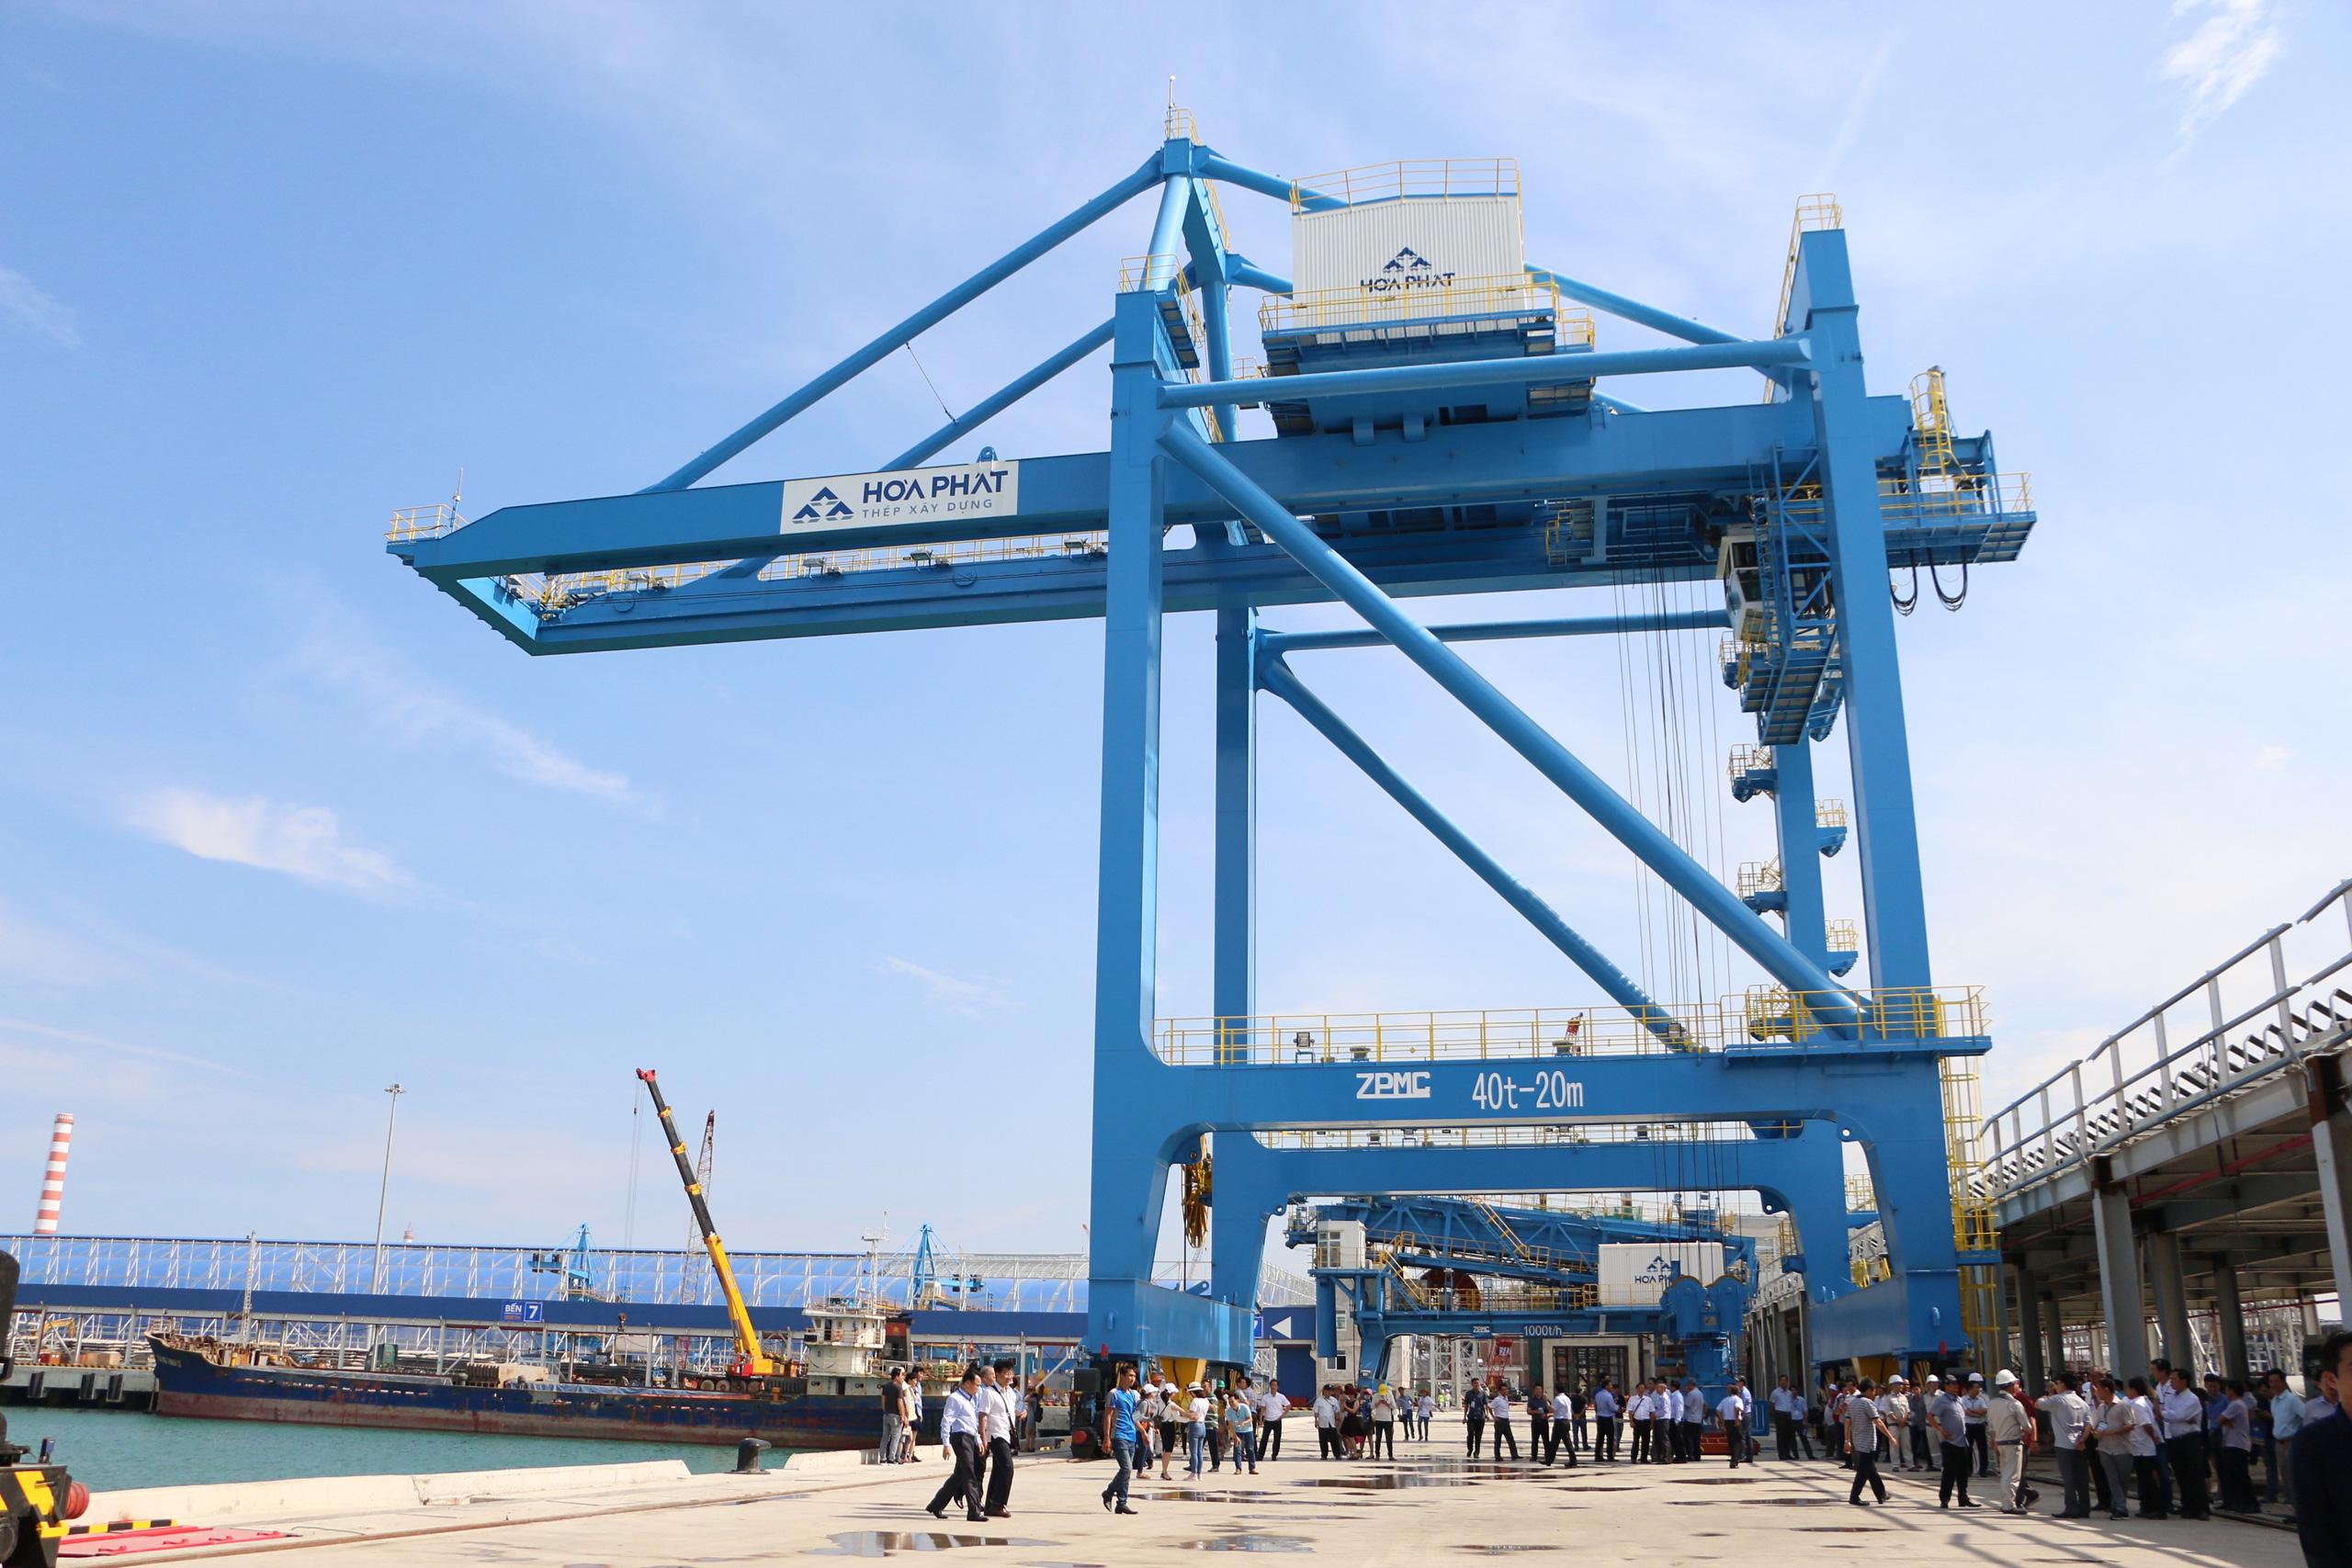 Hòa Phát muốn làm tuyến đường sắt mới từ Nhà máy thép Hòa Phát Dung Quất đến Cảng tổng hợp container - Ảnh 1.